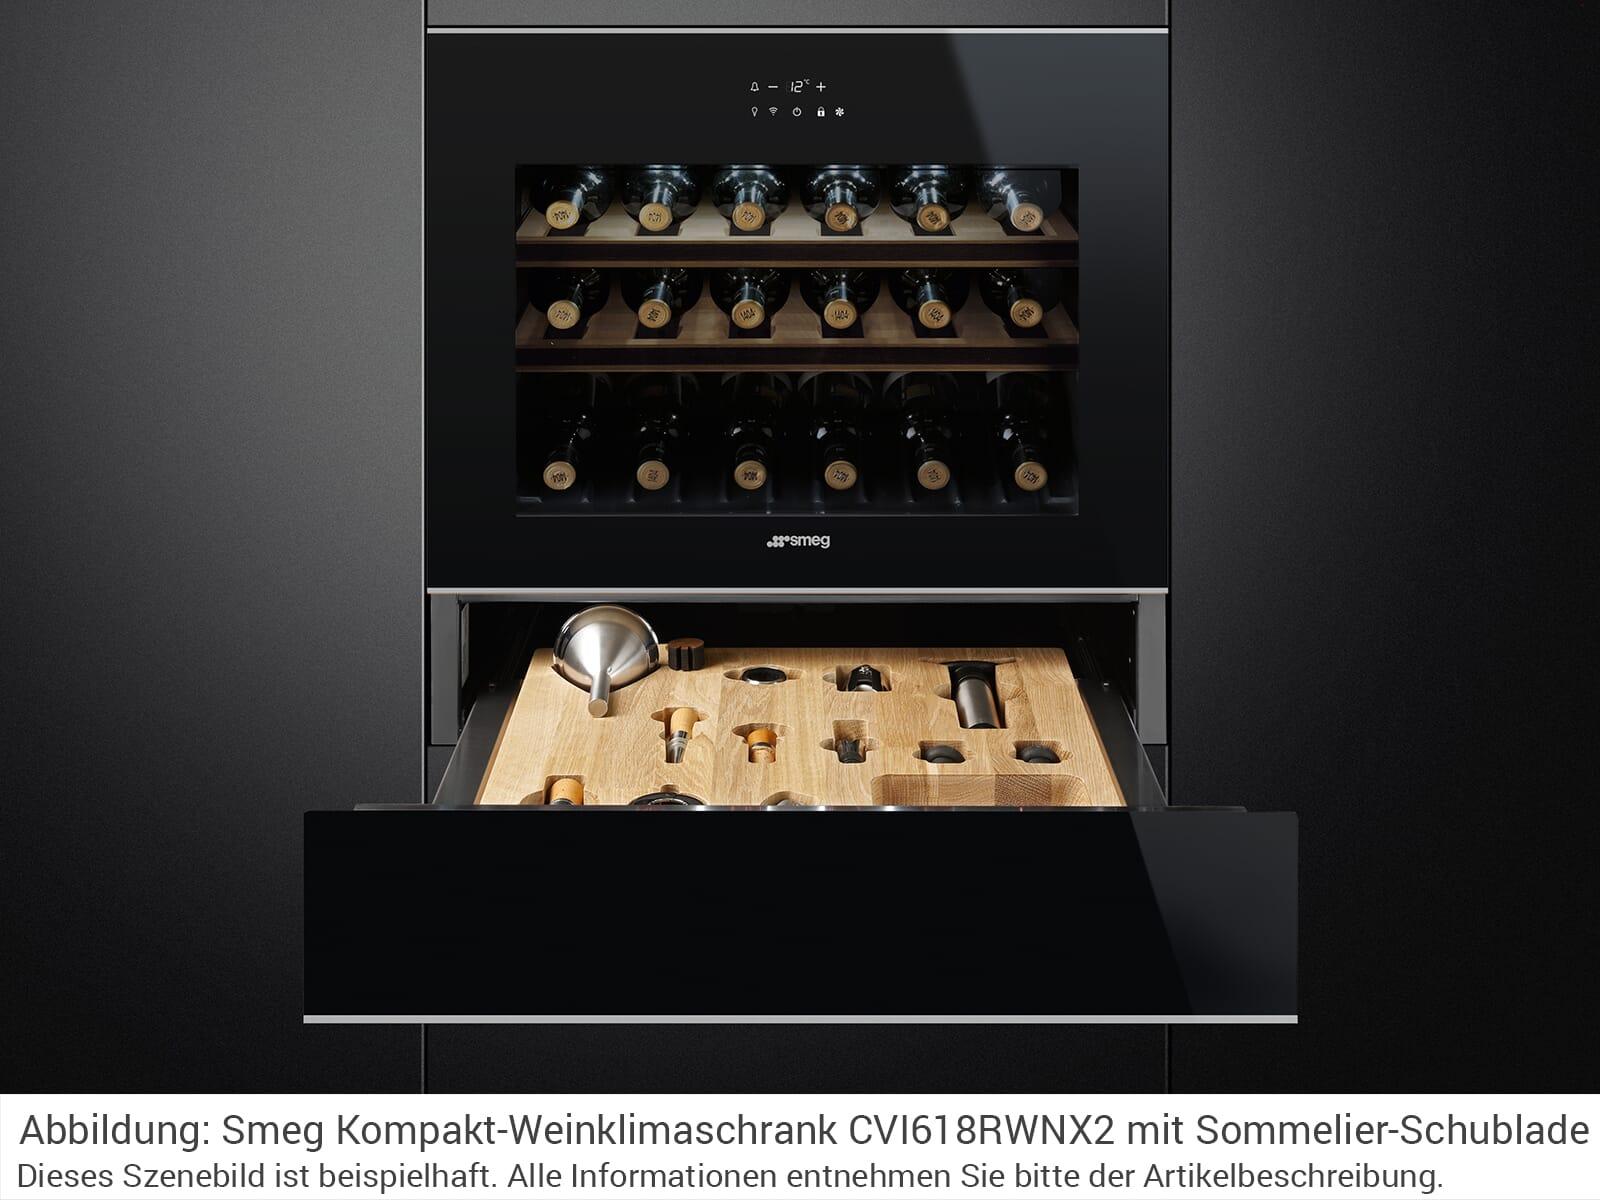 Smeg CVI618RWNX2 Einbau Weinkühlschrank Weinklimaschrank Schwarzglas/Edelstahl